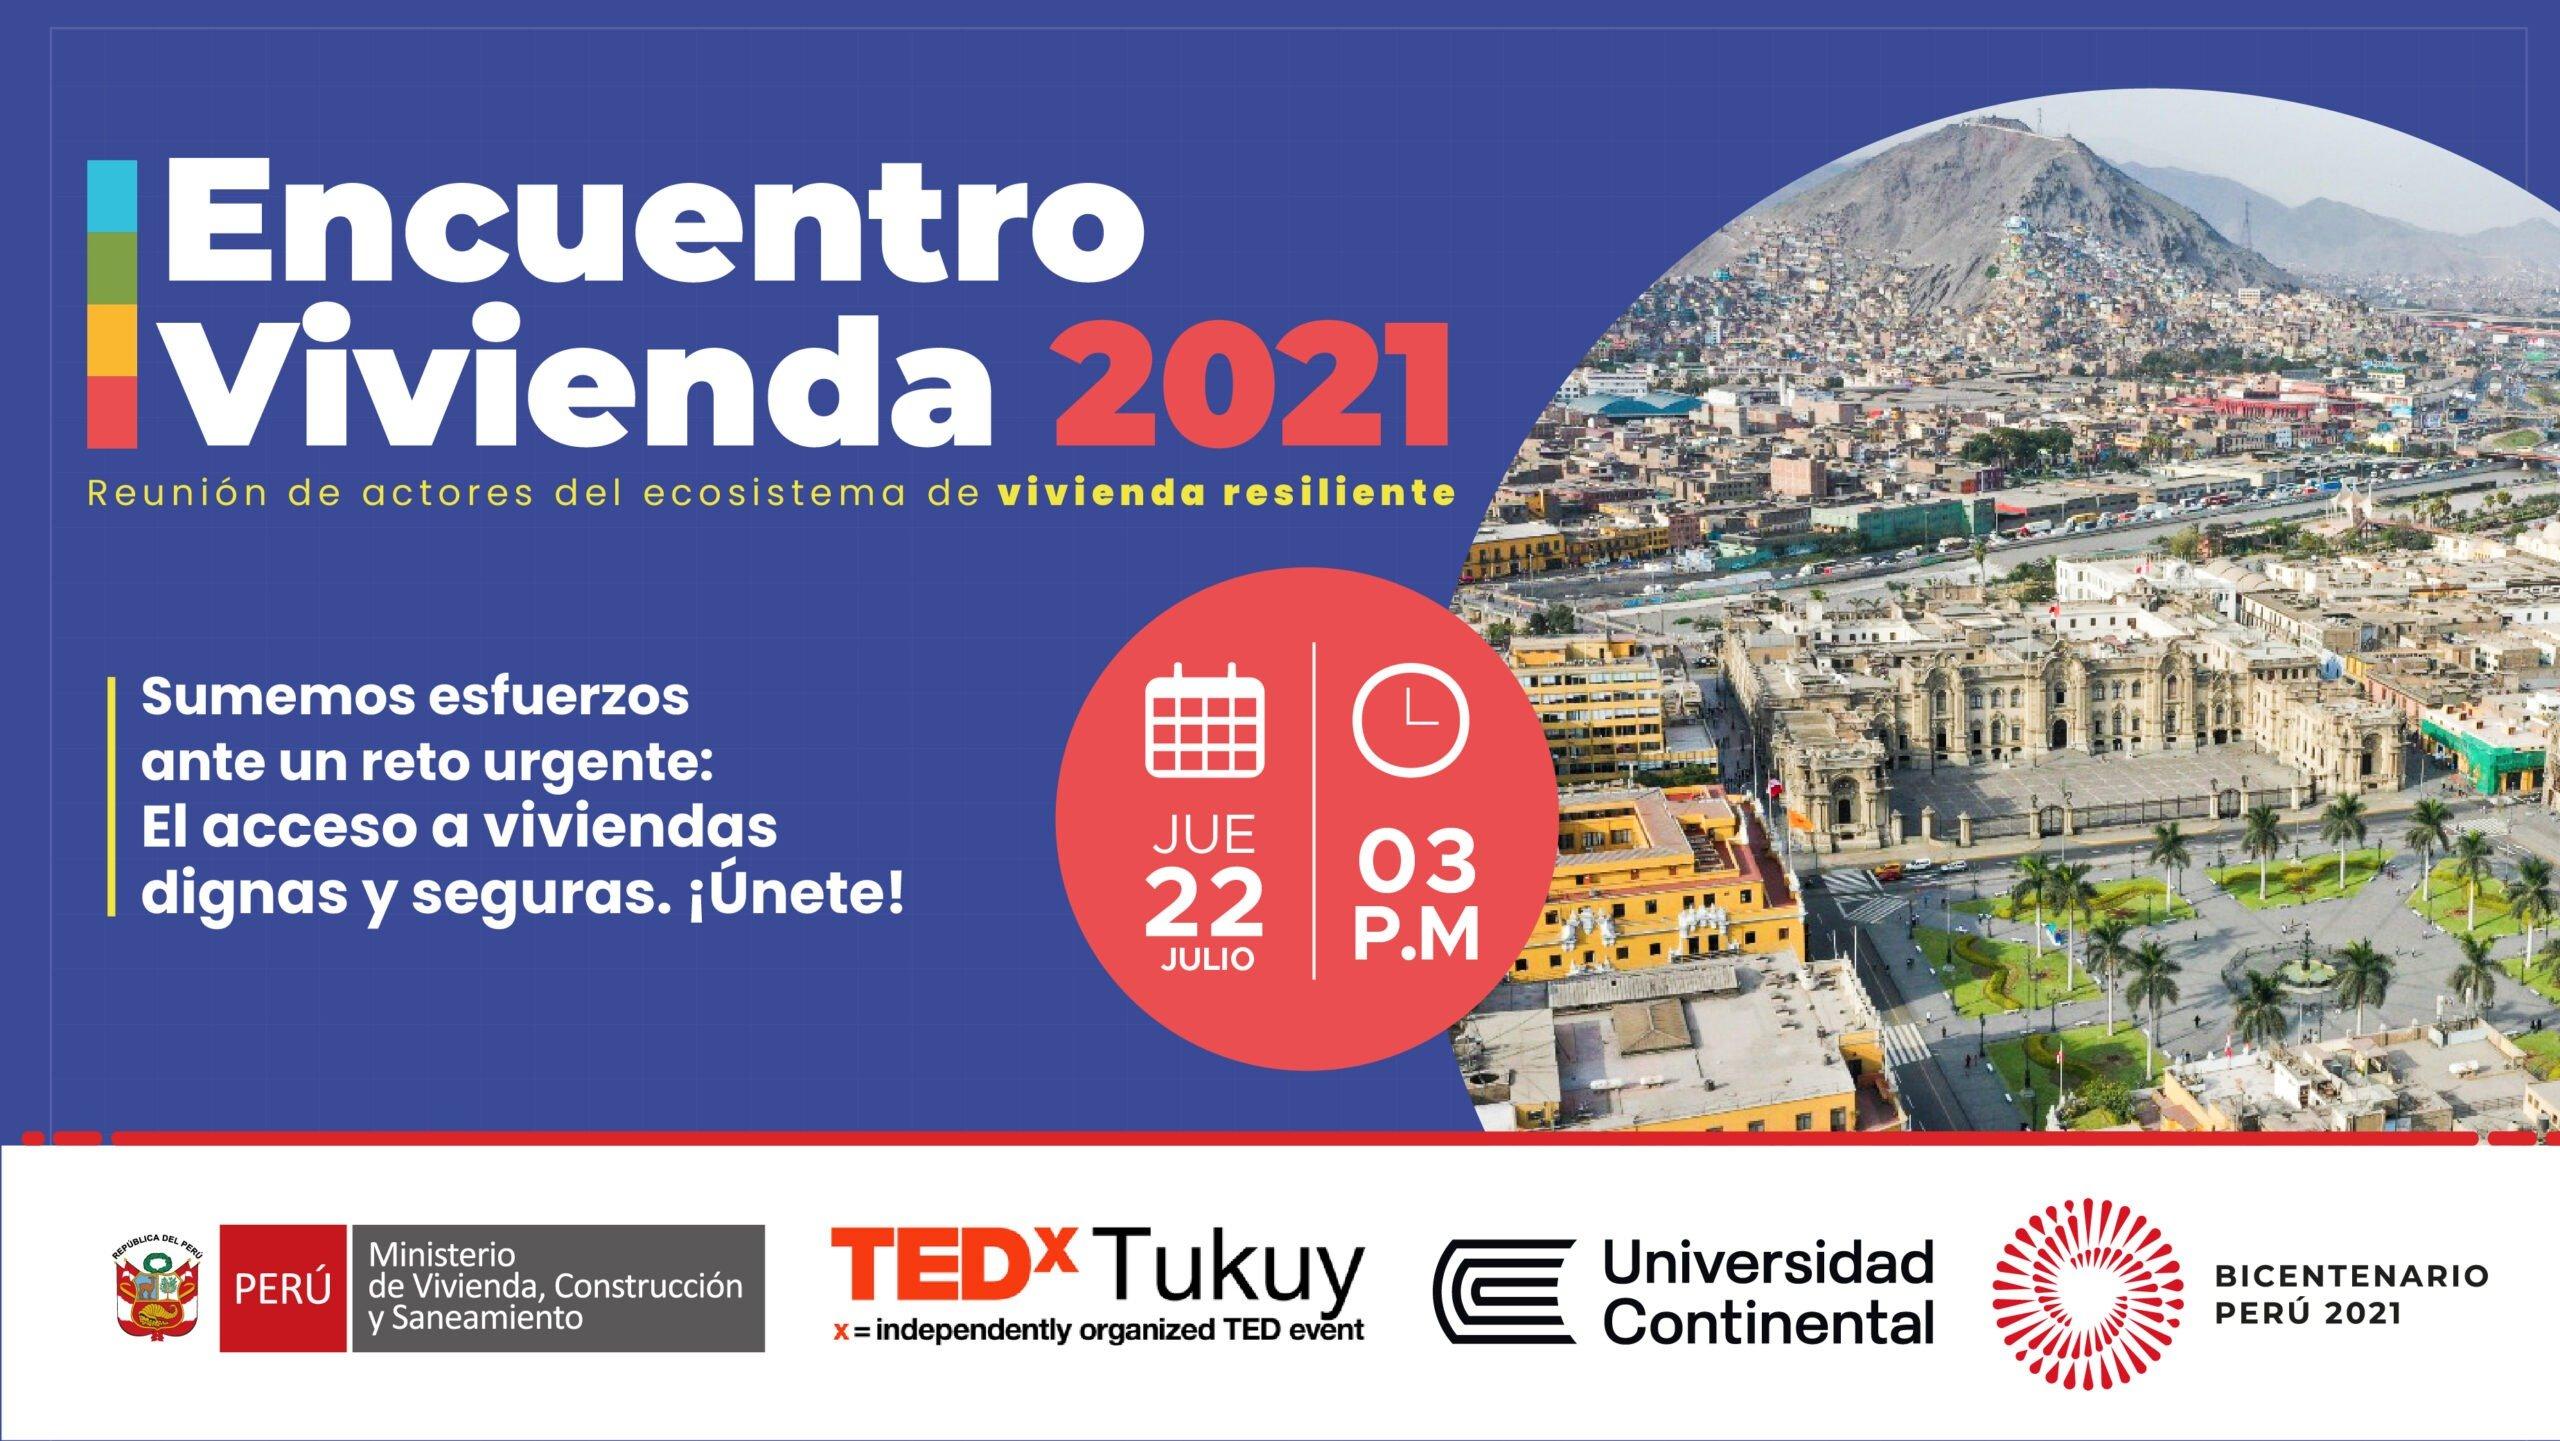 Encuentro Vivienda 2021: Hacia una mejor calidad de vida para más peruanos (as)